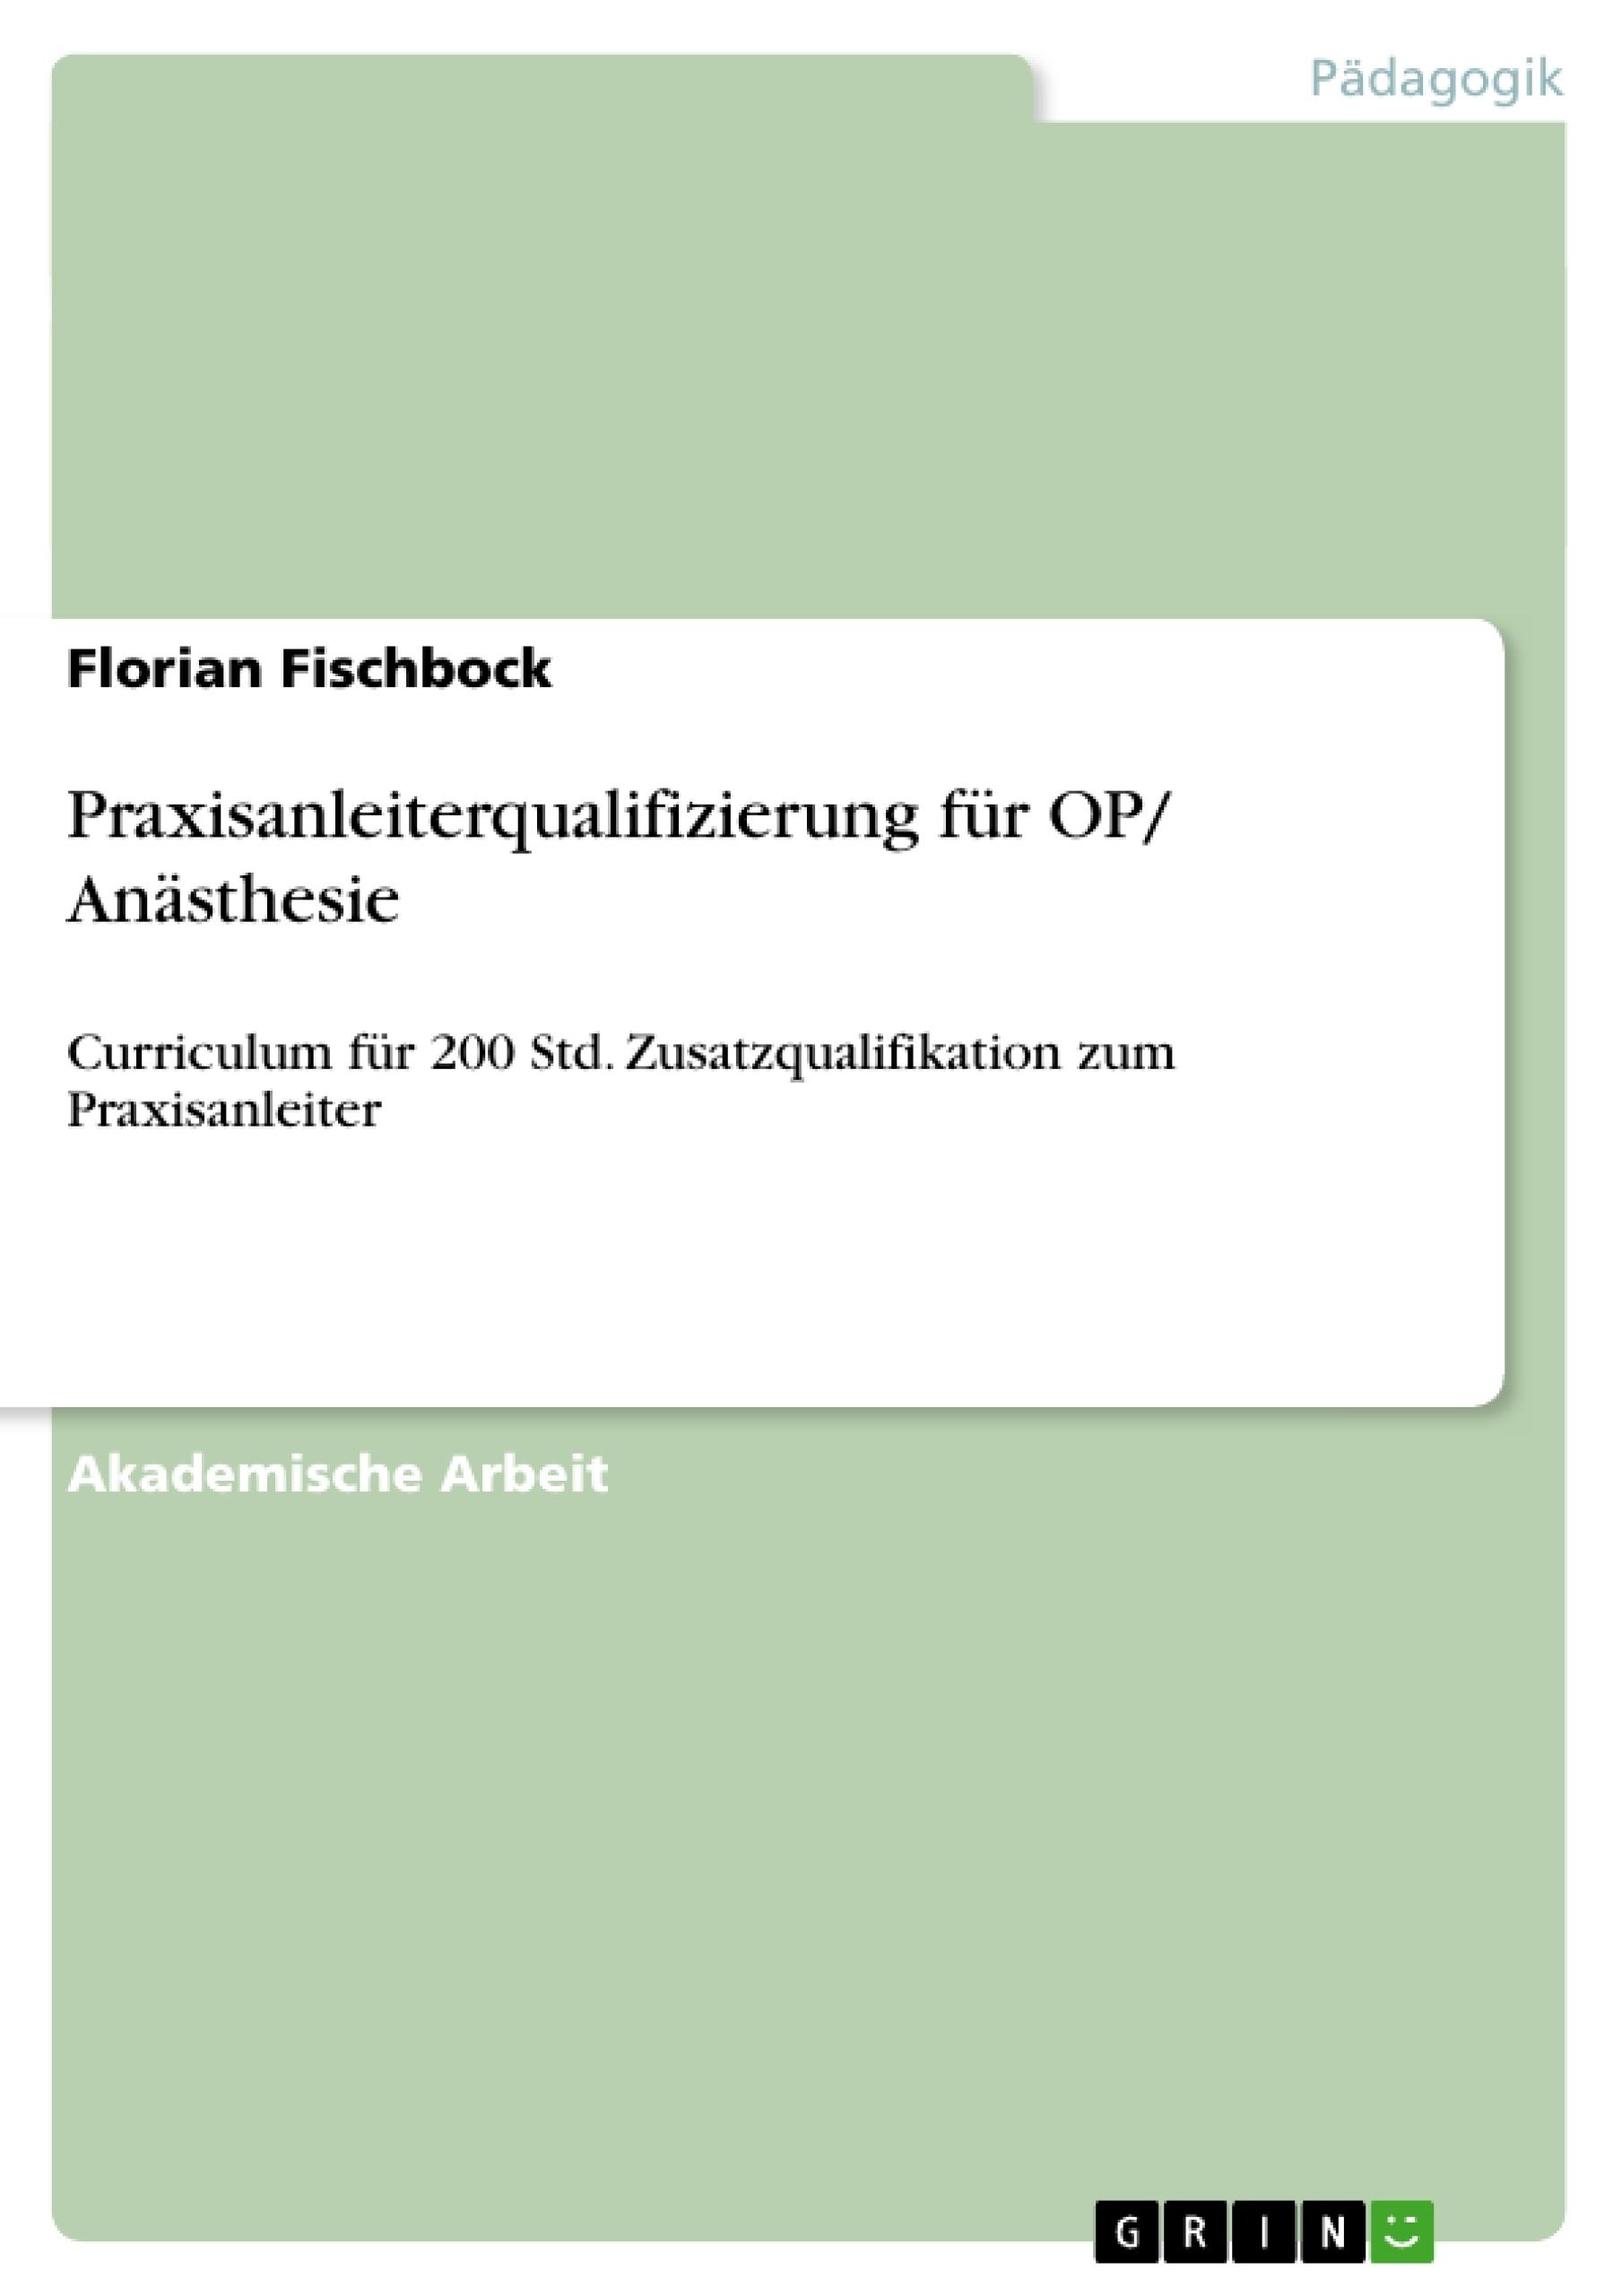 Praxisanleiterqualifizierung für OP/ Anästhesie | Masterarbeit ...